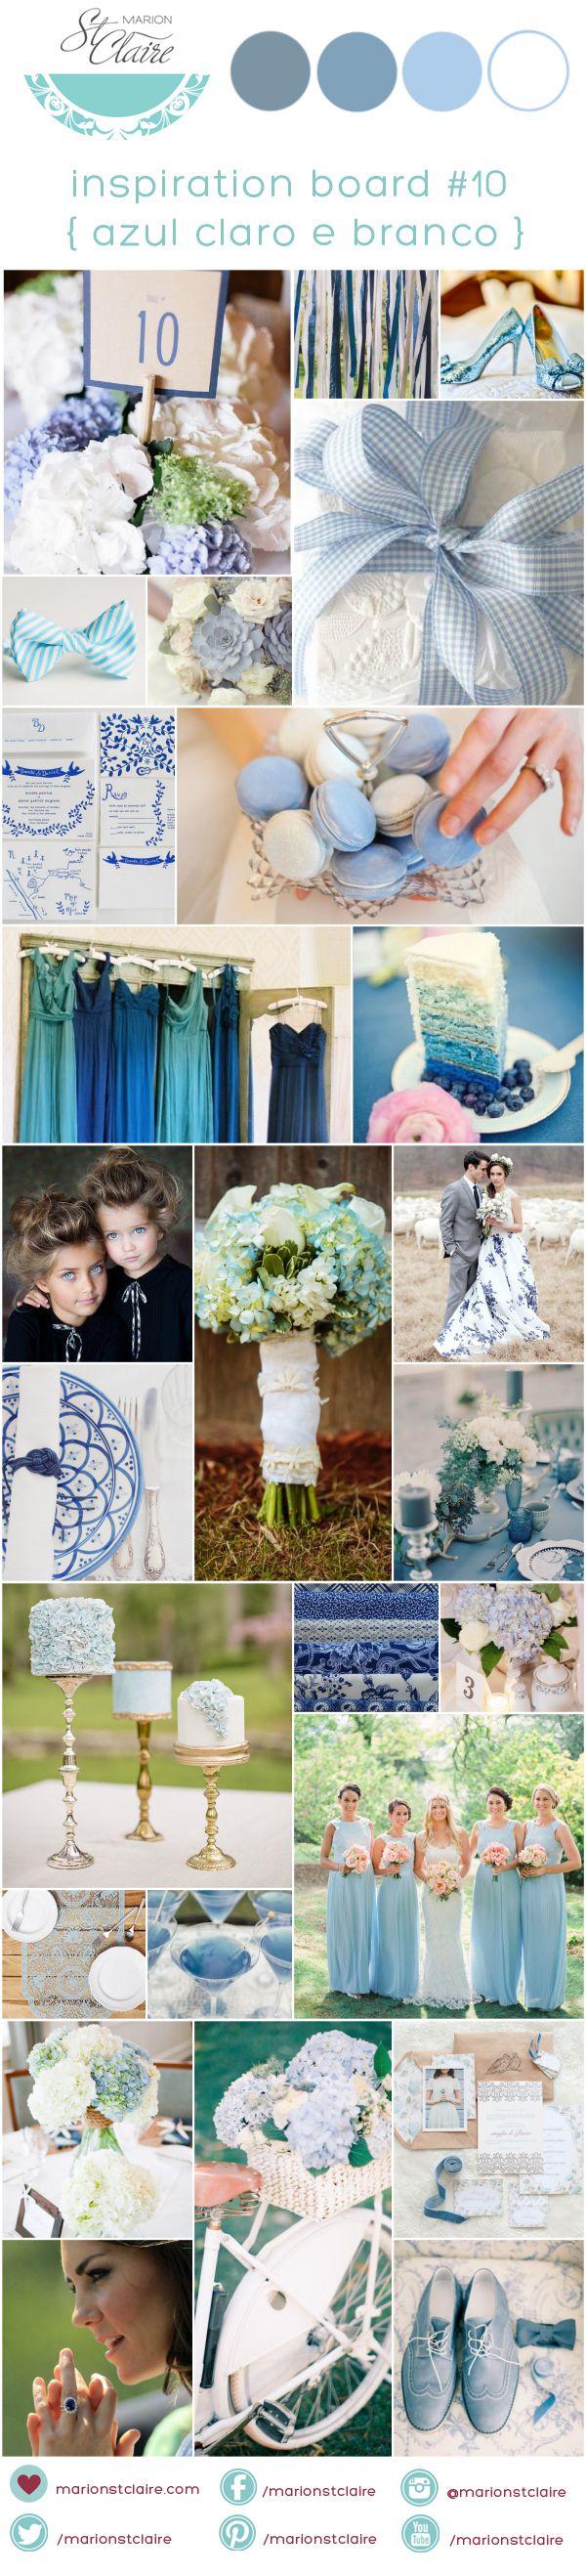 paleta de cores decoração casamento azul e branco